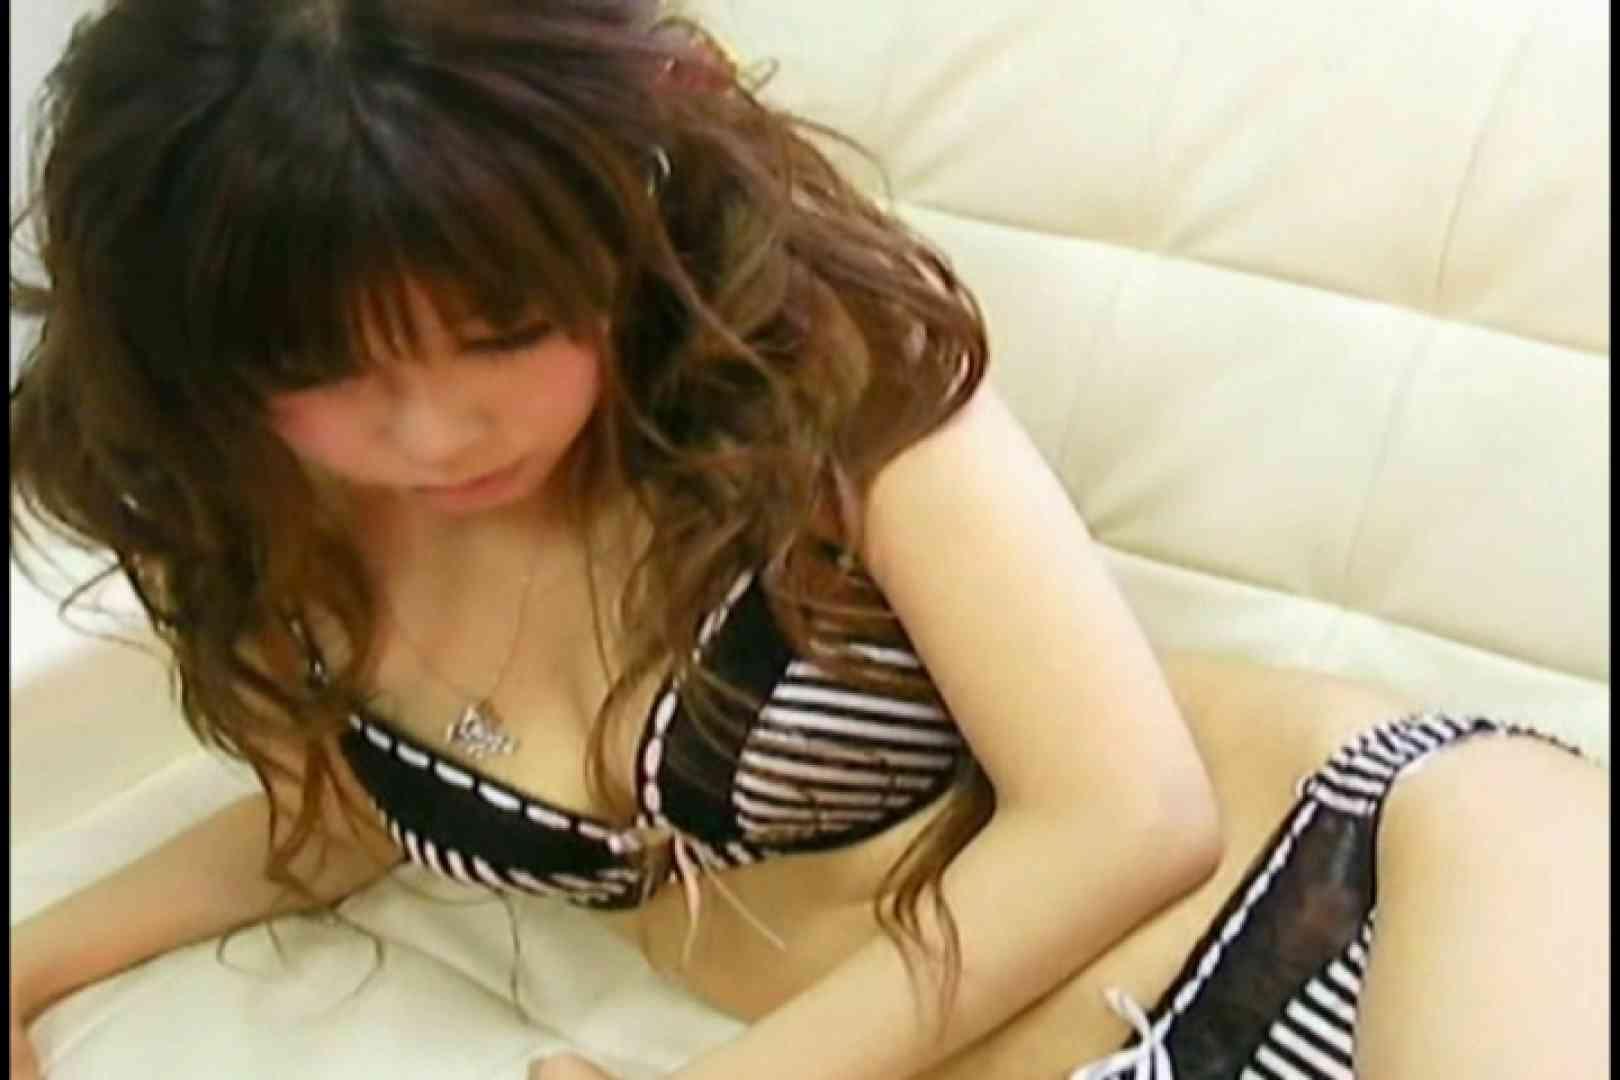 素人撮影 下着だけの撮影のはずが・・・まゆ20歳 盗撮 セックス無修正動画無料 23連発 11